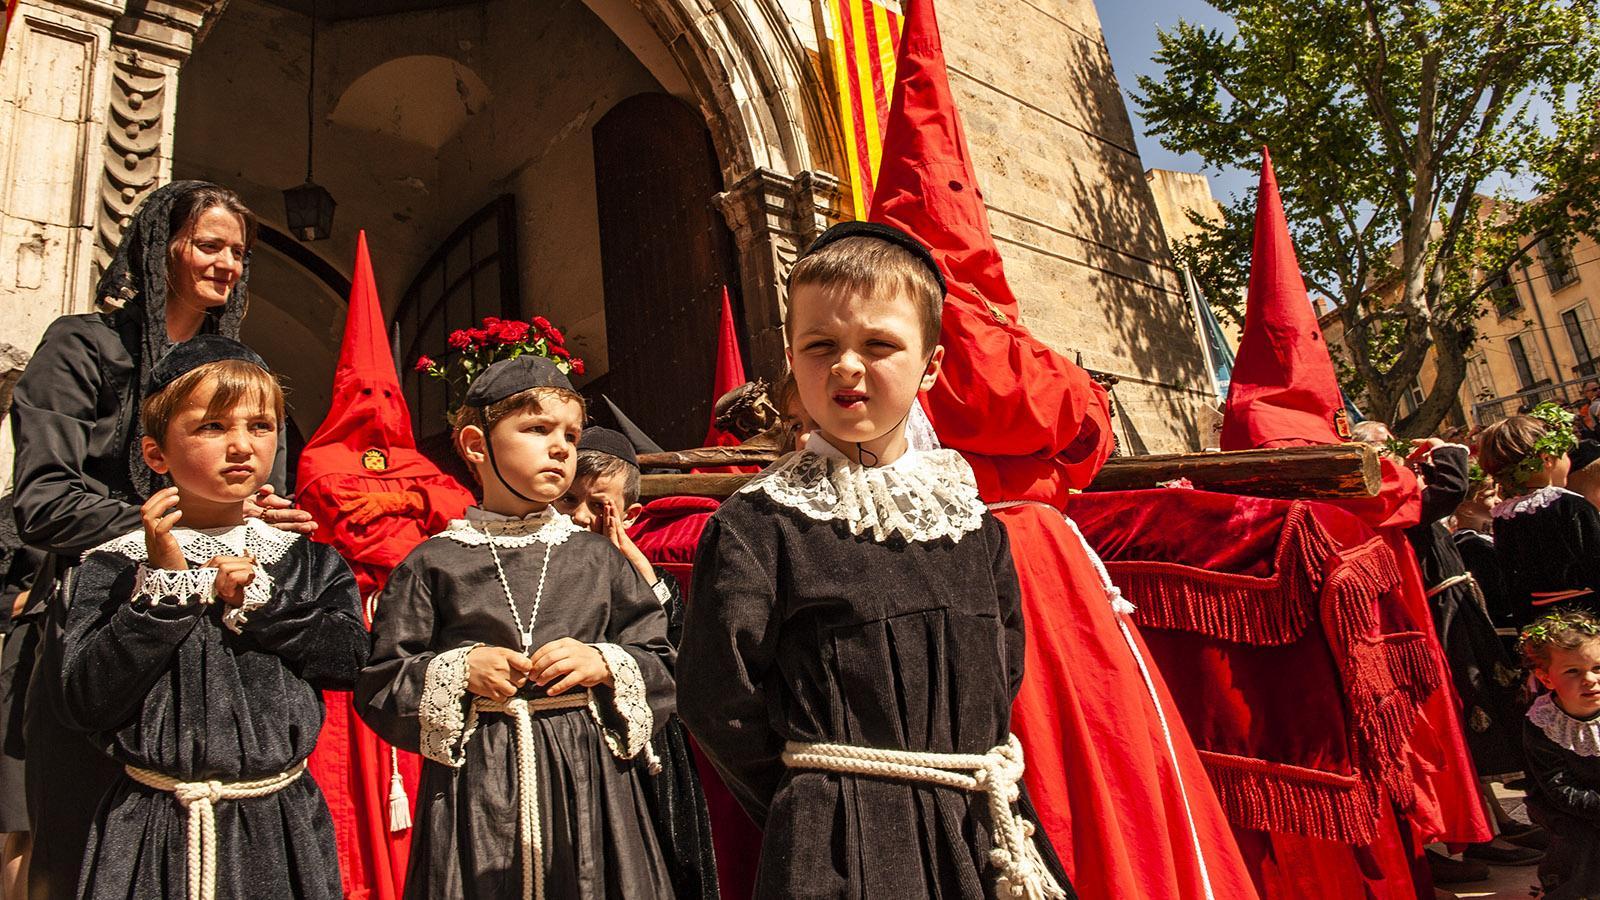 La Sanch, die große Karfreitagsprozession von Perpignan. Foto: Hilke Maunder